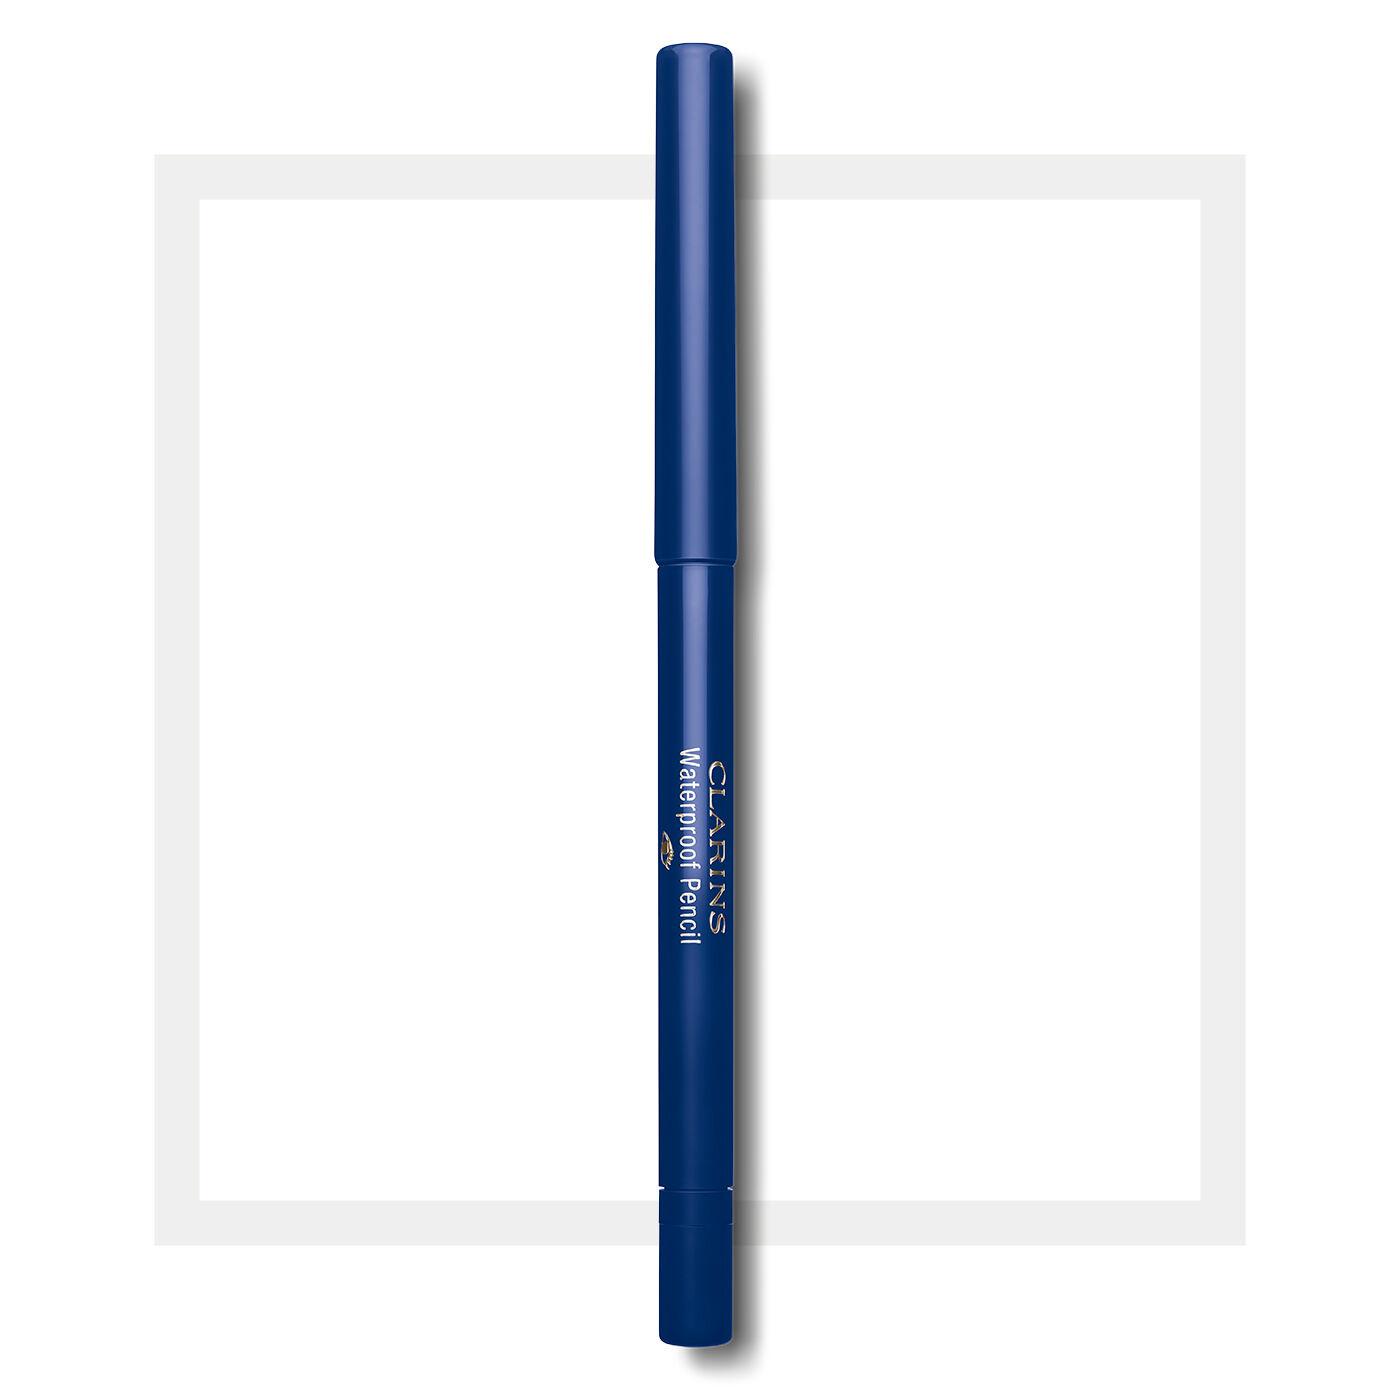 Waterproof Pencil